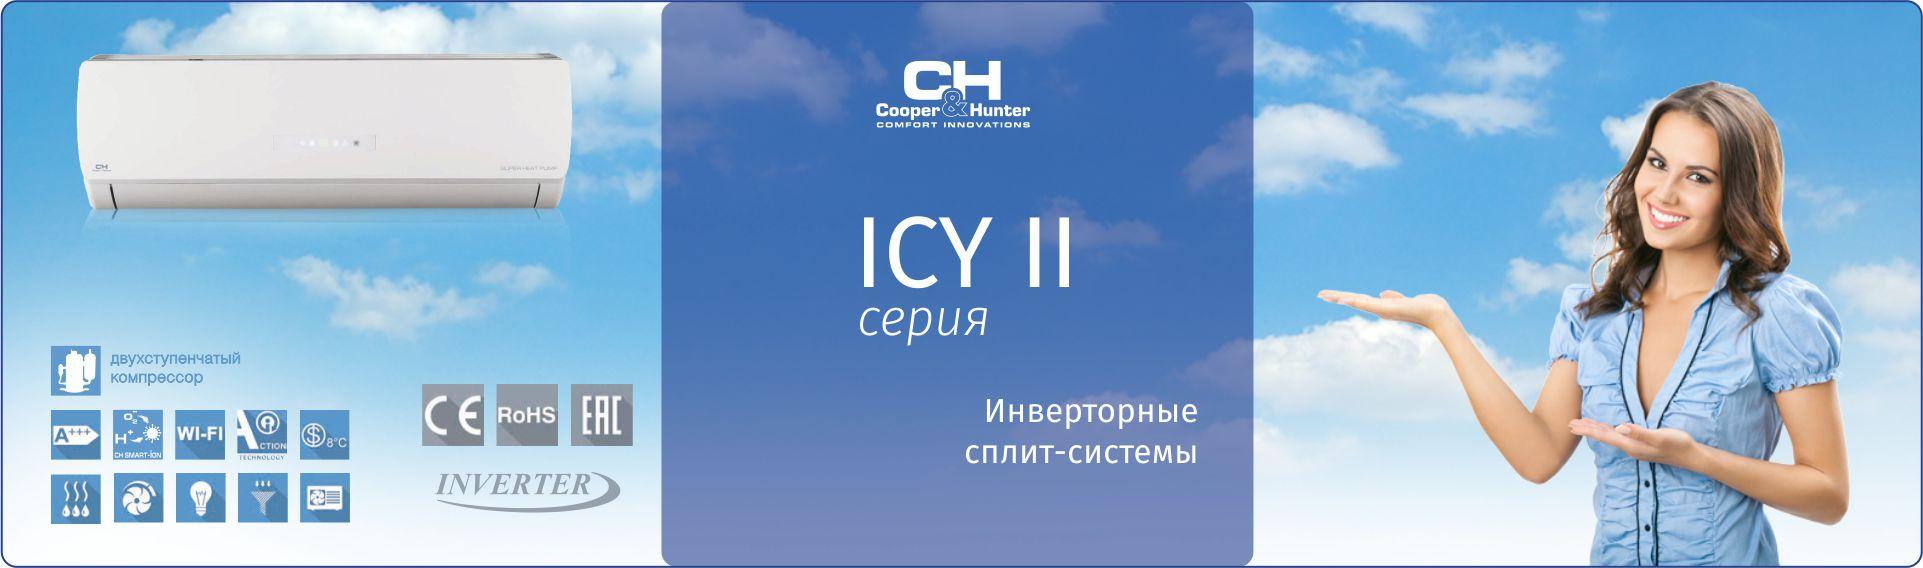 Серия ICY II